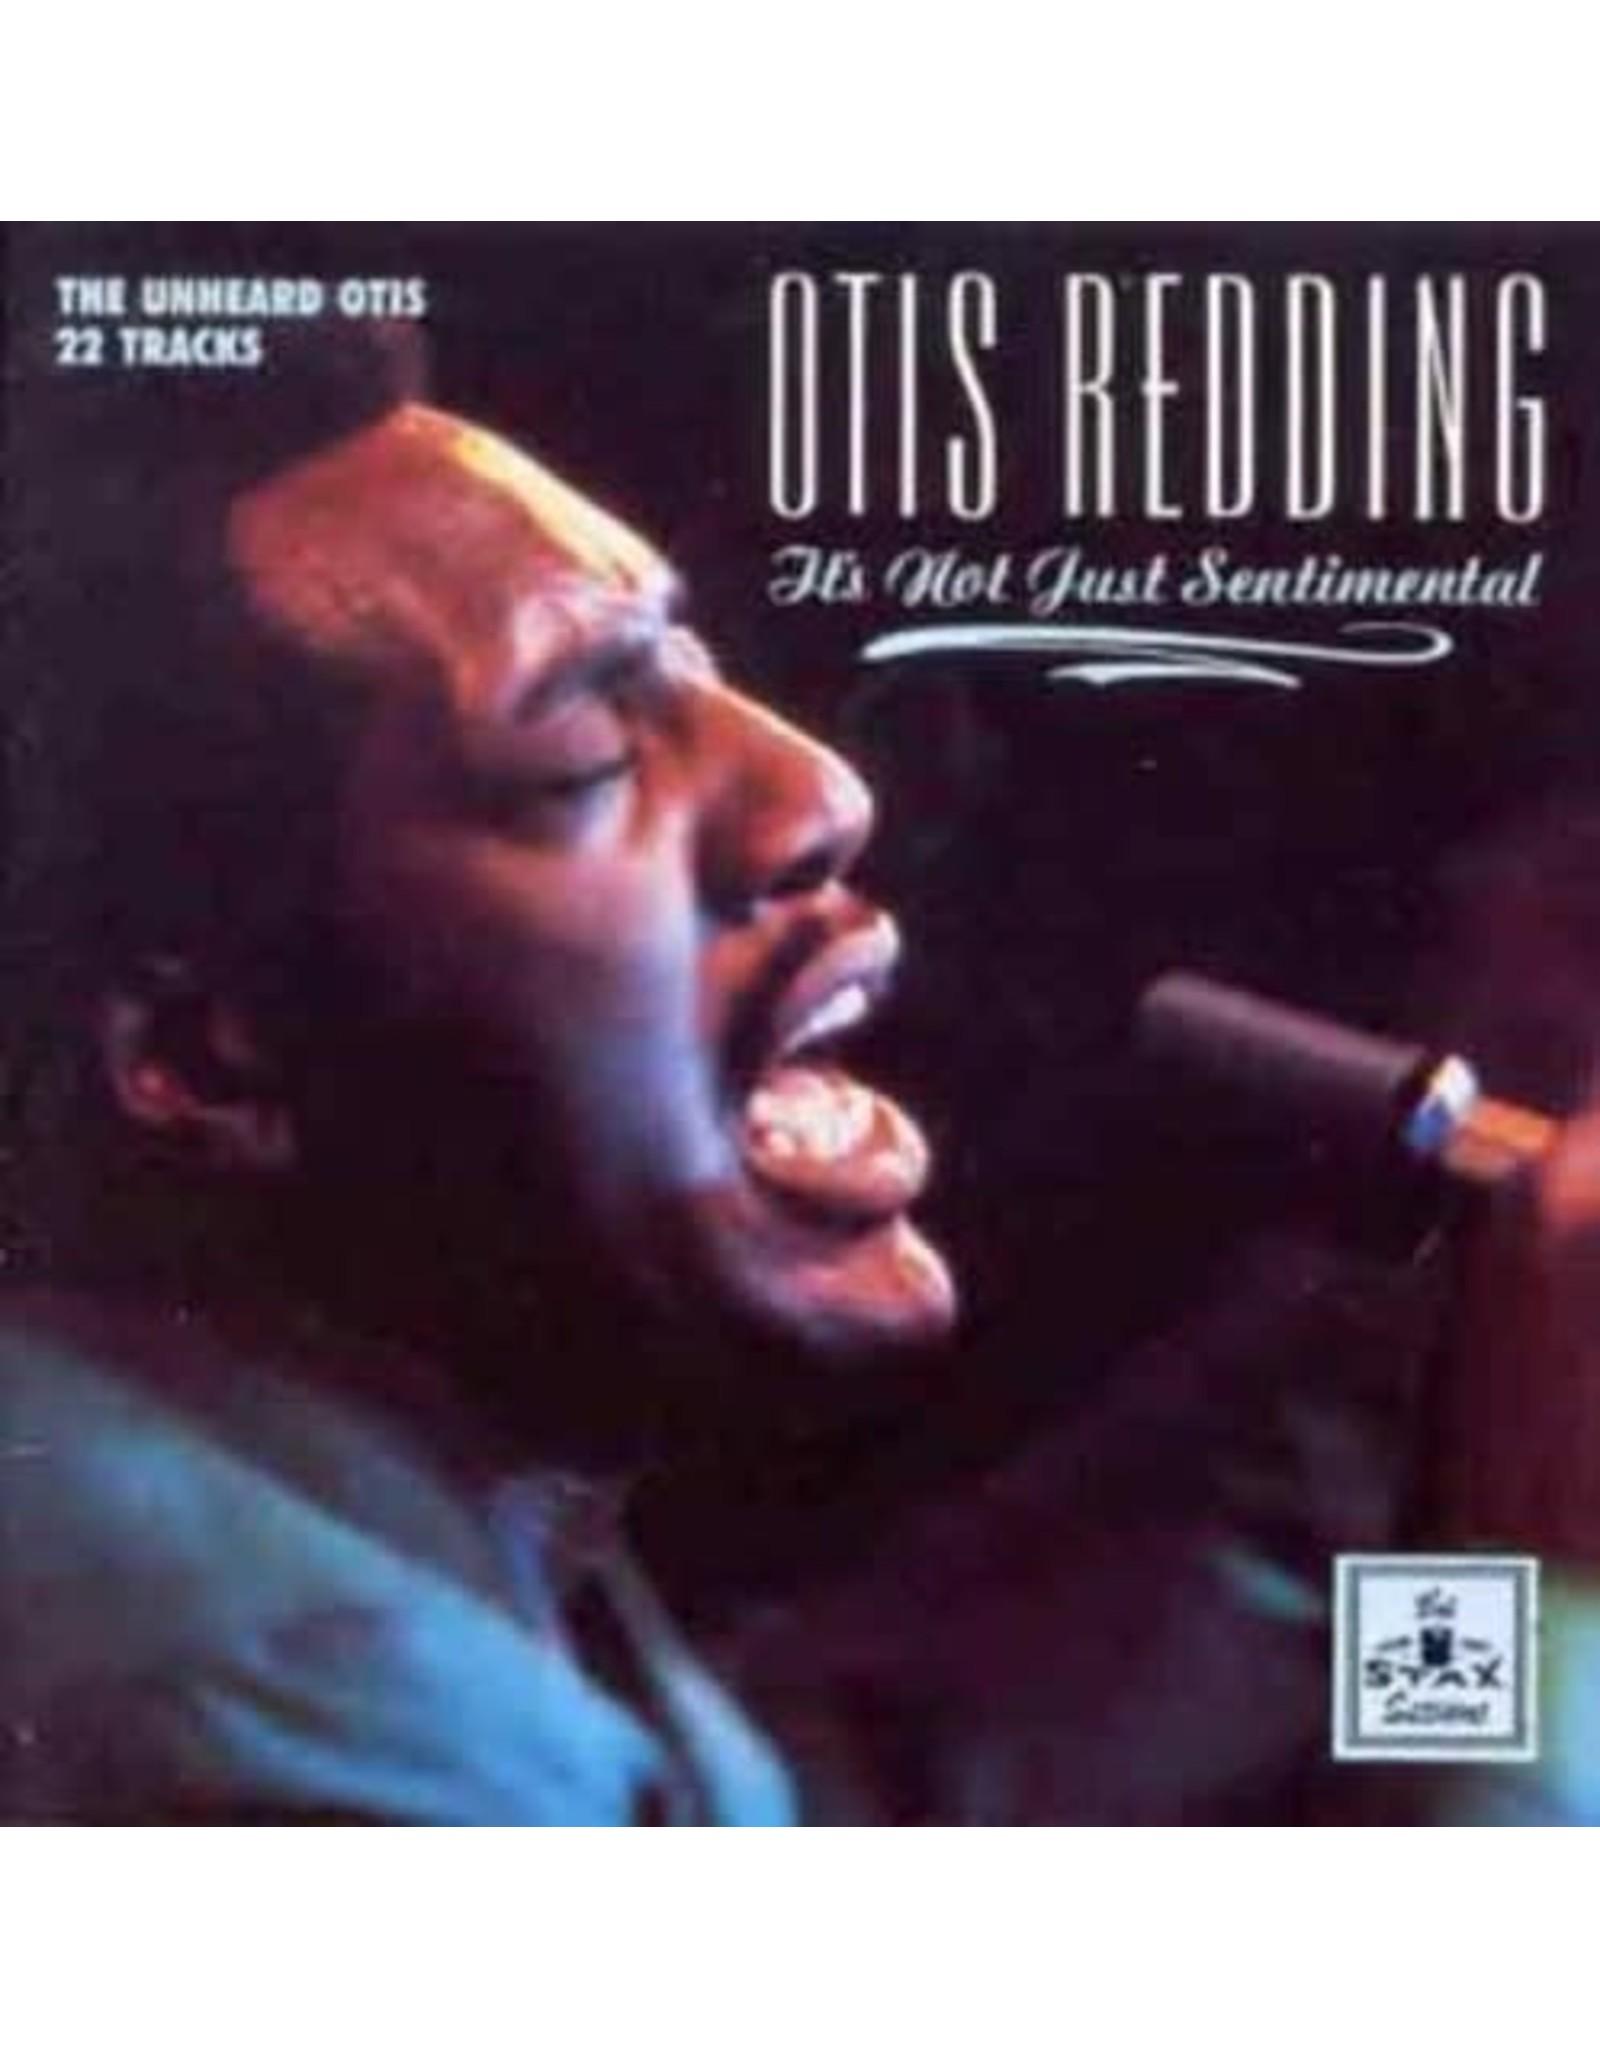 New Vinyl Otis Redding - It's Not Just Sentimental LP